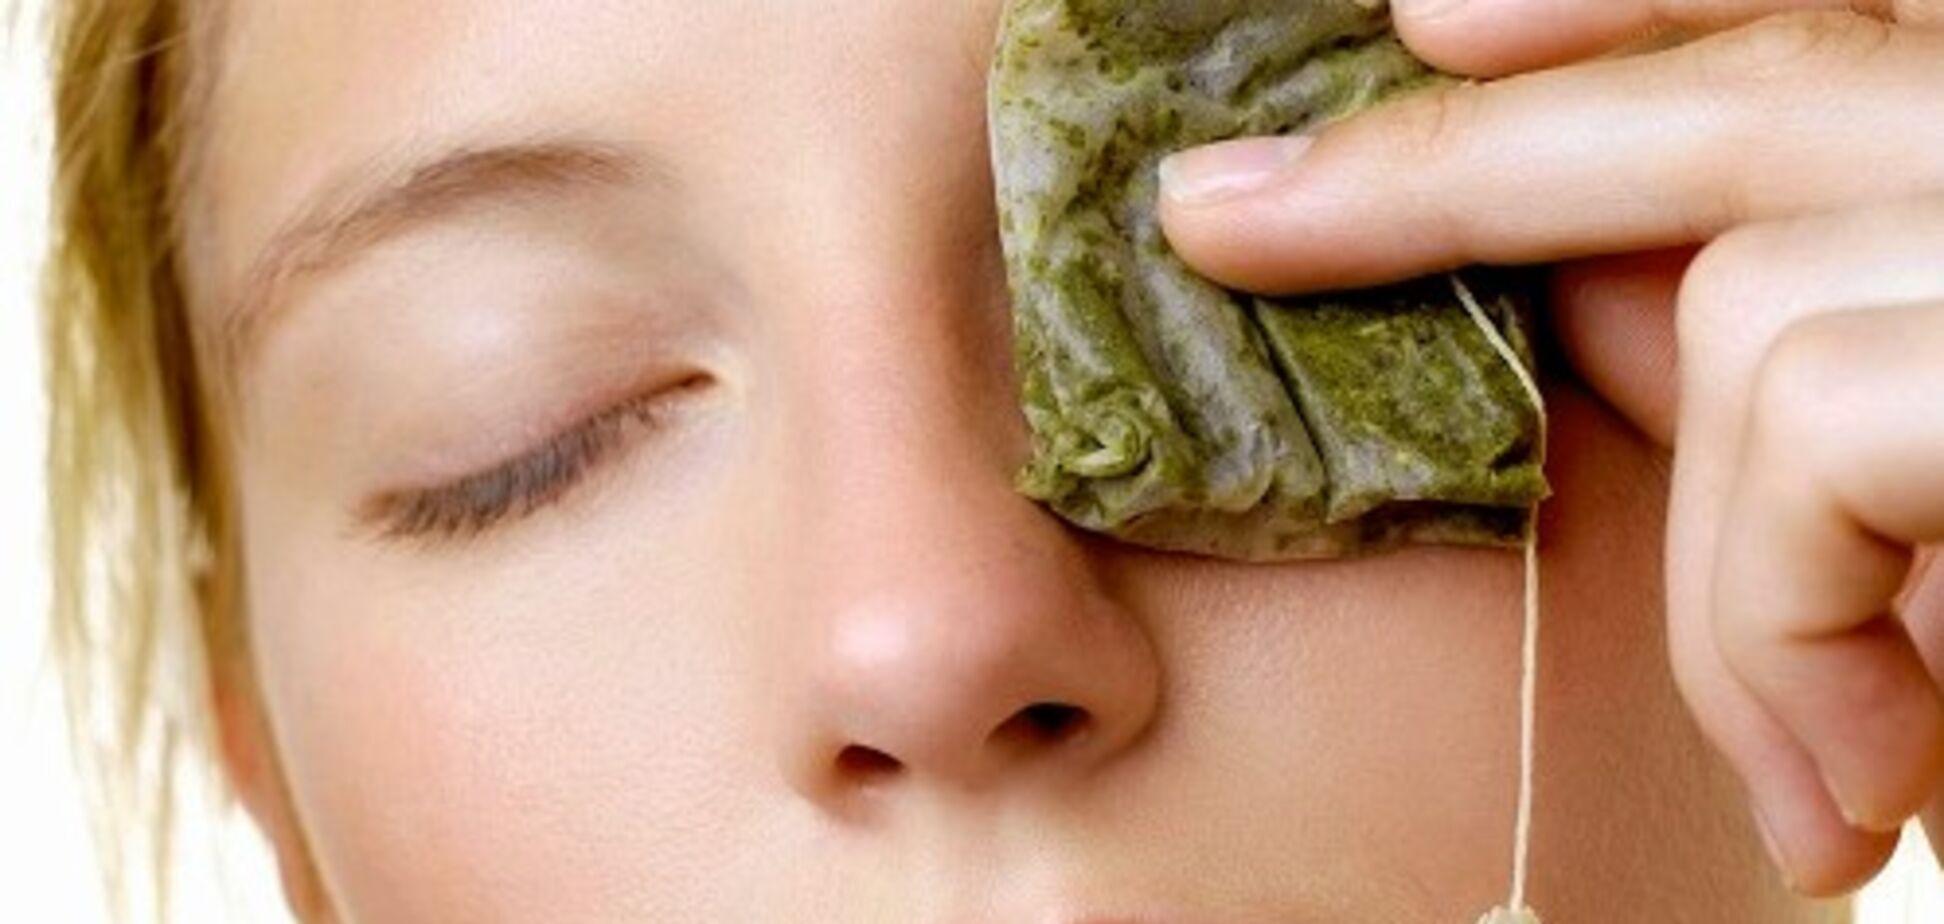 Заварка и глаза: лечение или калечение?